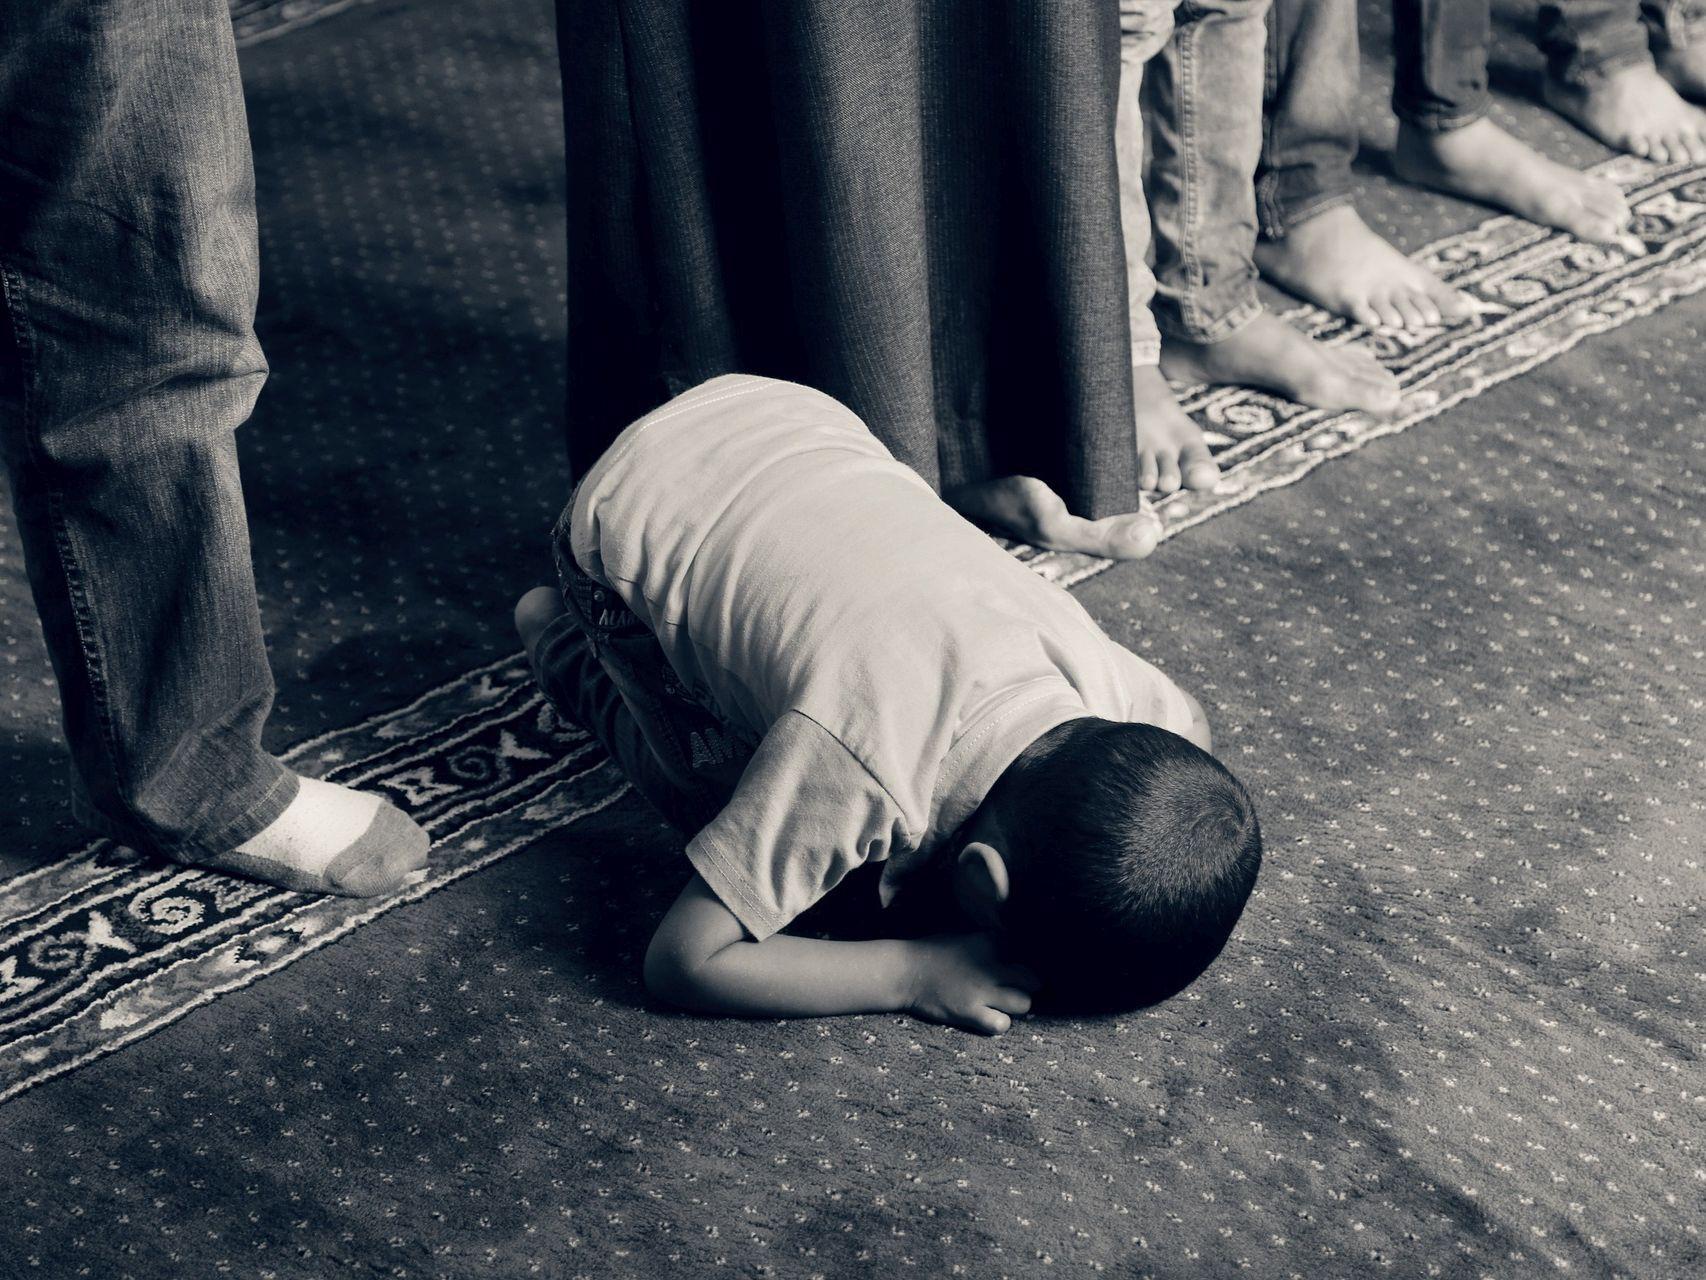 dziecko_muzulmanin_Więź